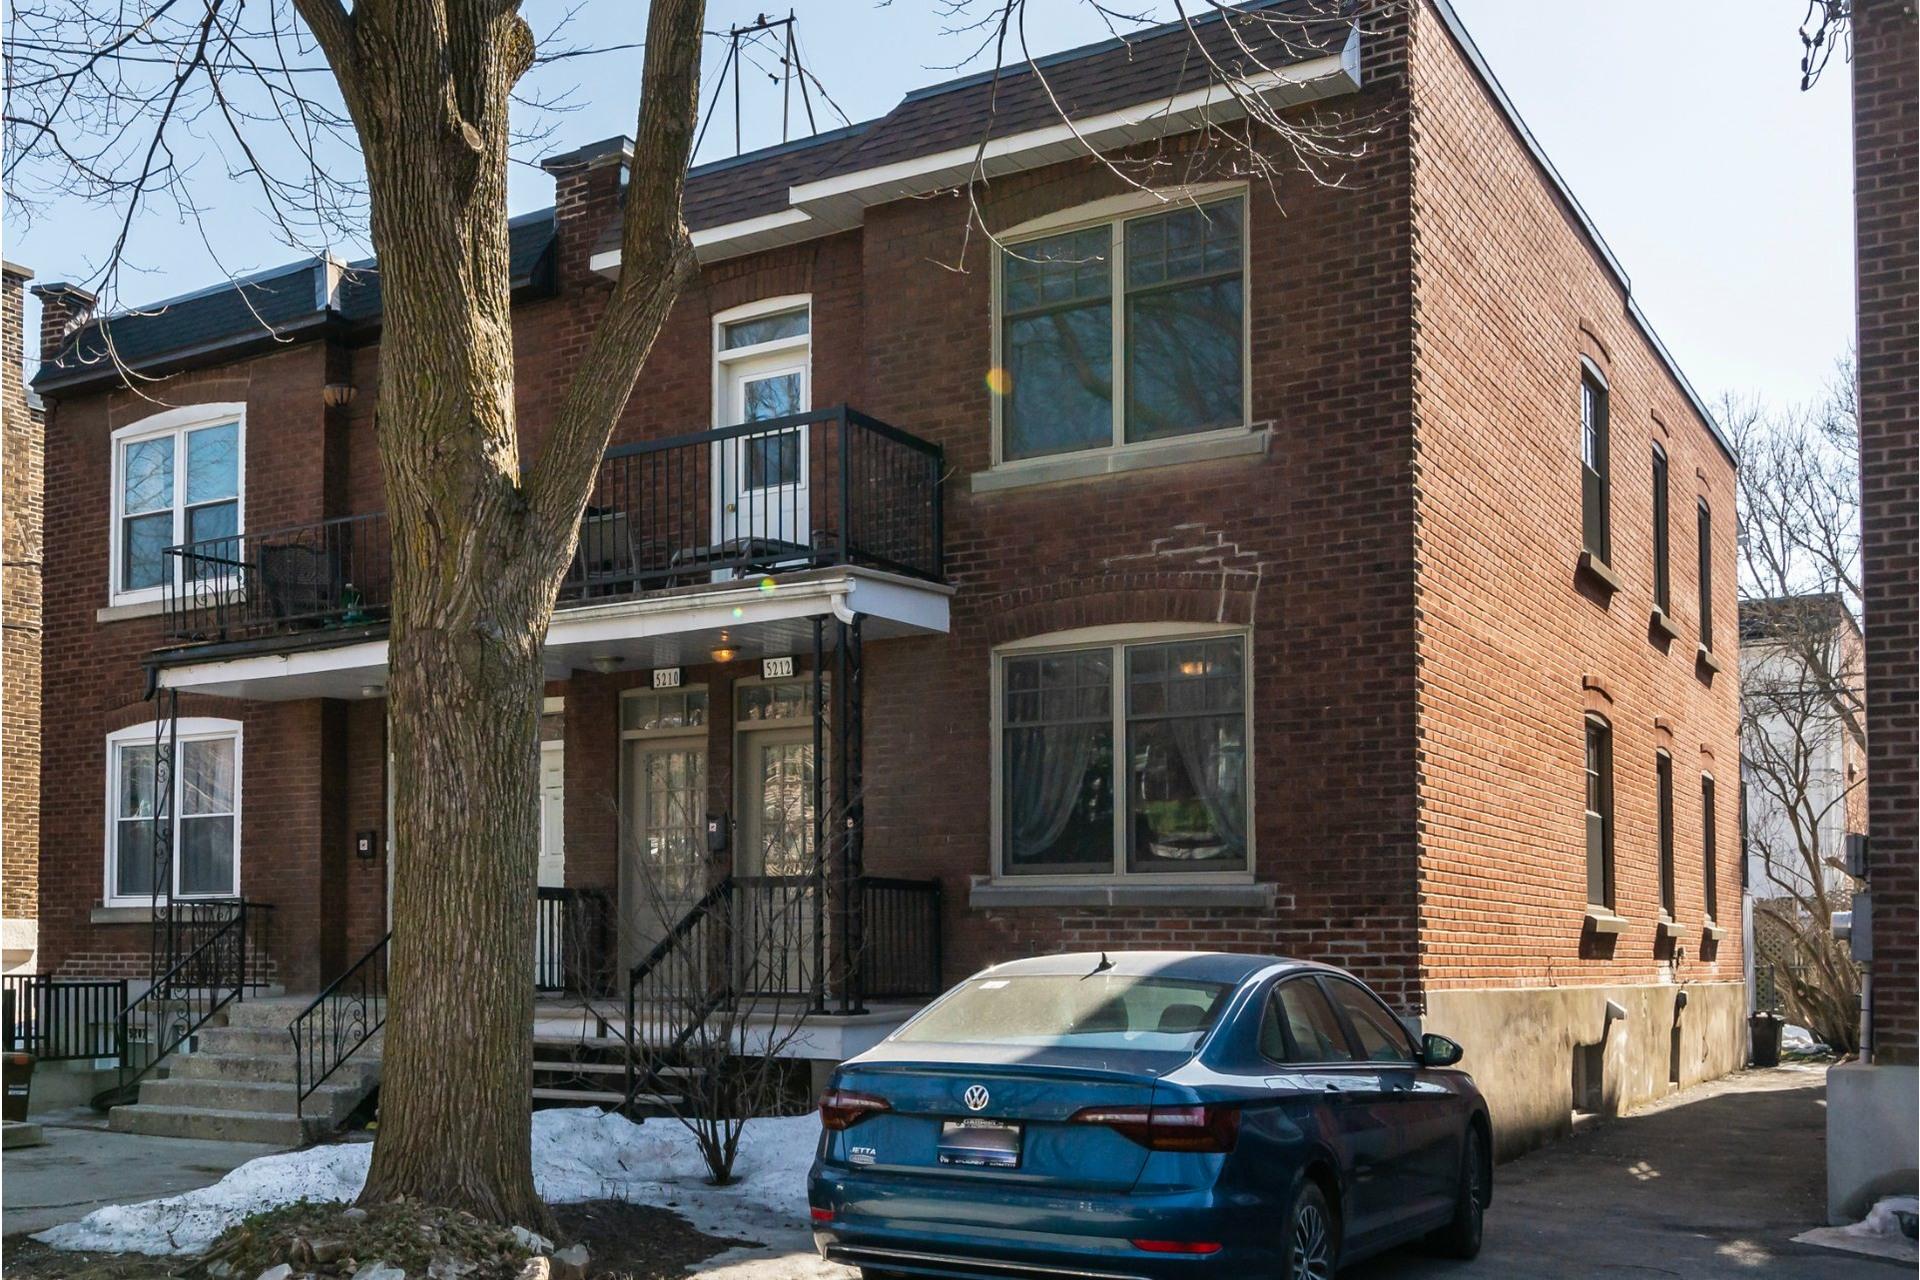 image 33 - Duplex À vendre Côte-des-Neiges/Notre-Dame-de-Grâce Montréal  - 6 pièces